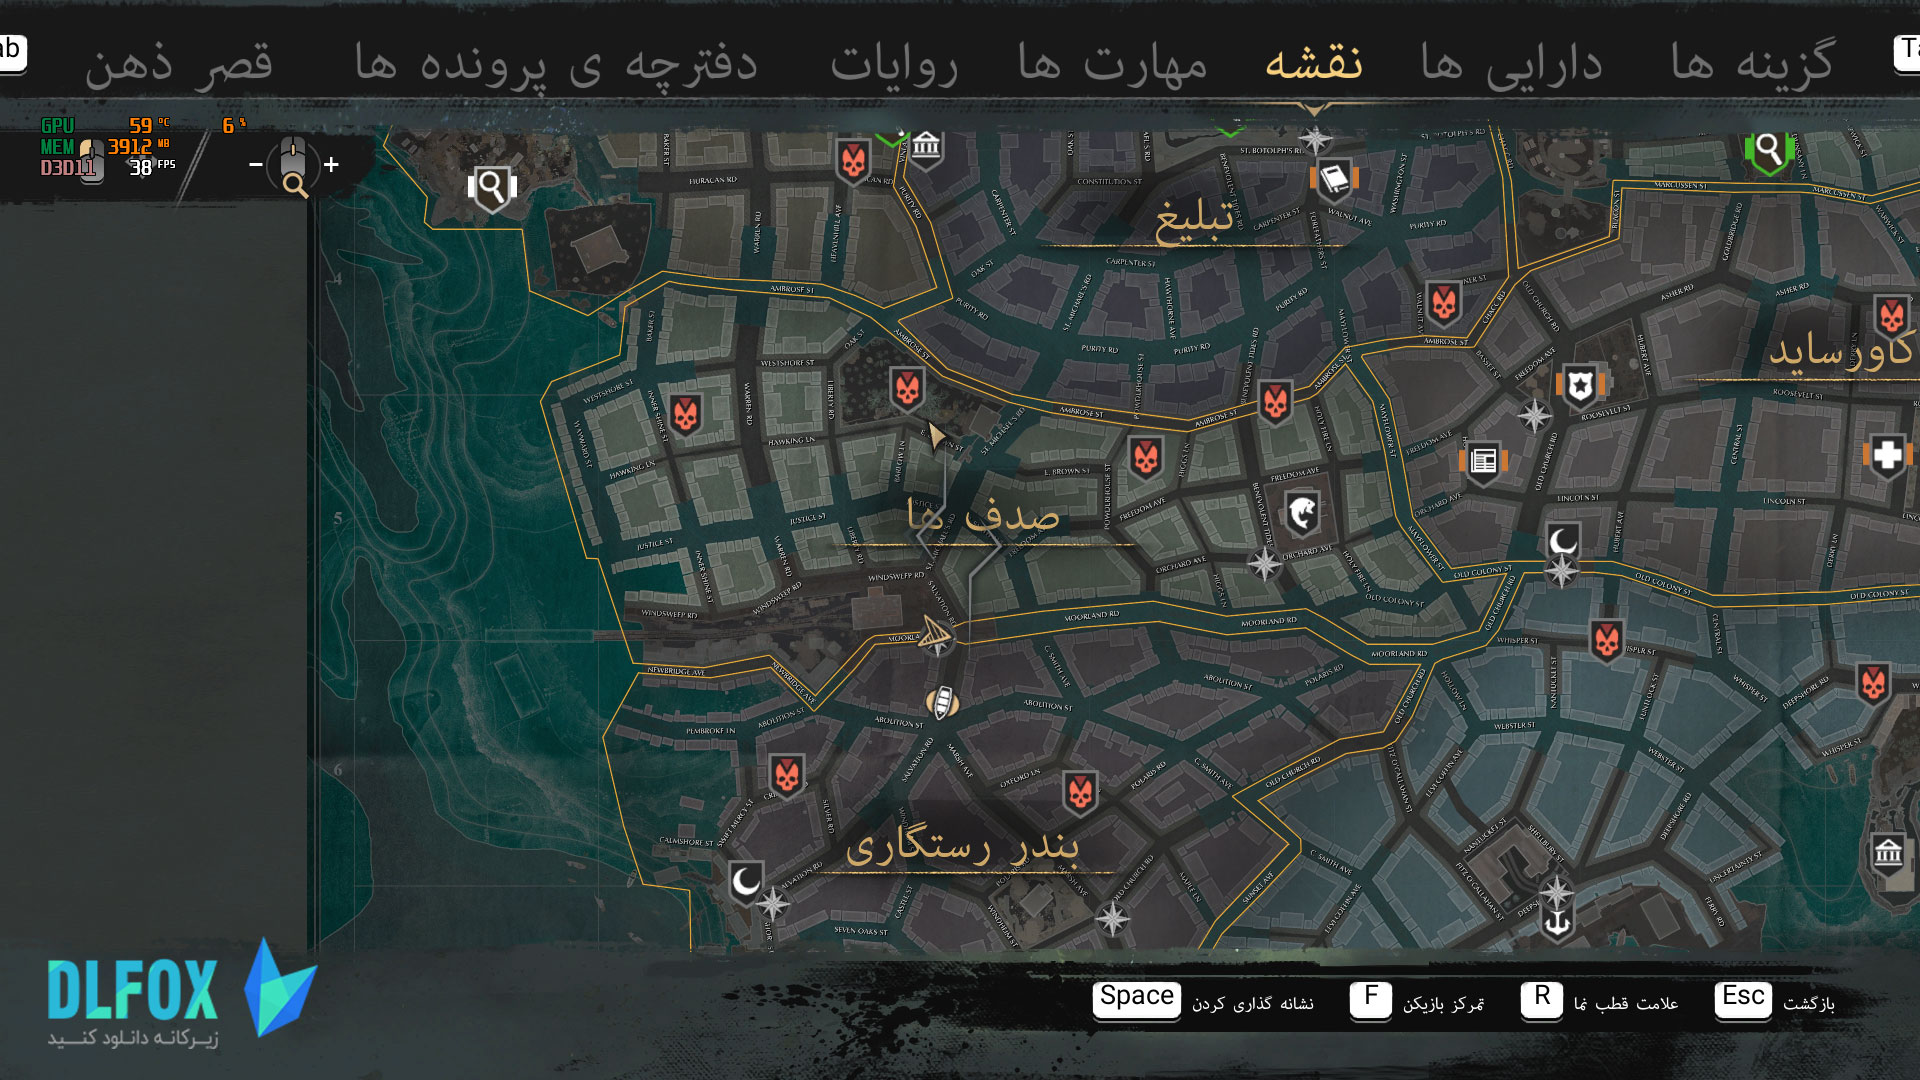 دانلود زیرنویس فارسی بازی The Sinking City برای Nintendo Switch